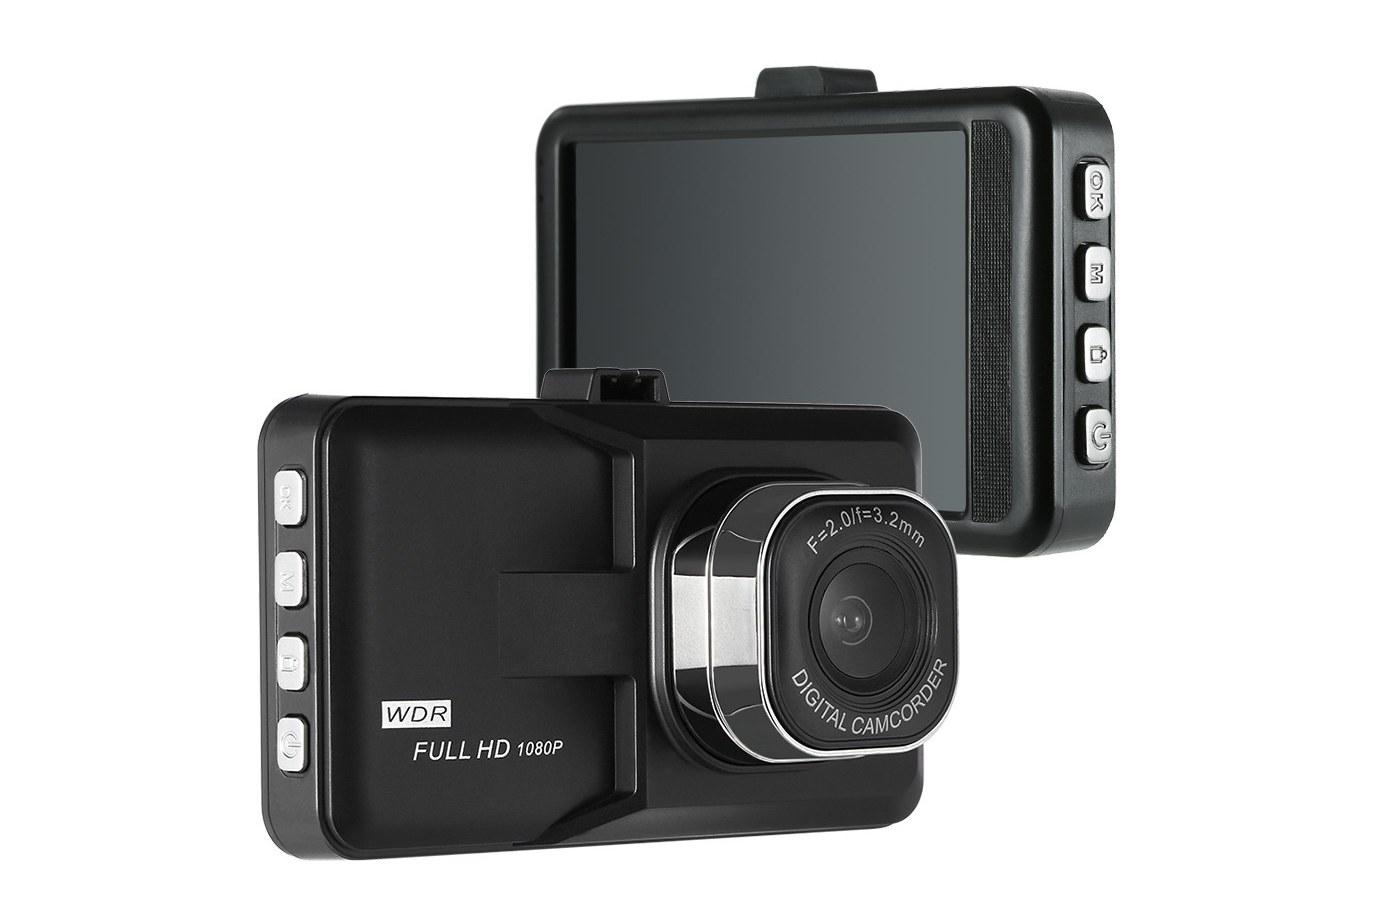 jeftina dash kamera